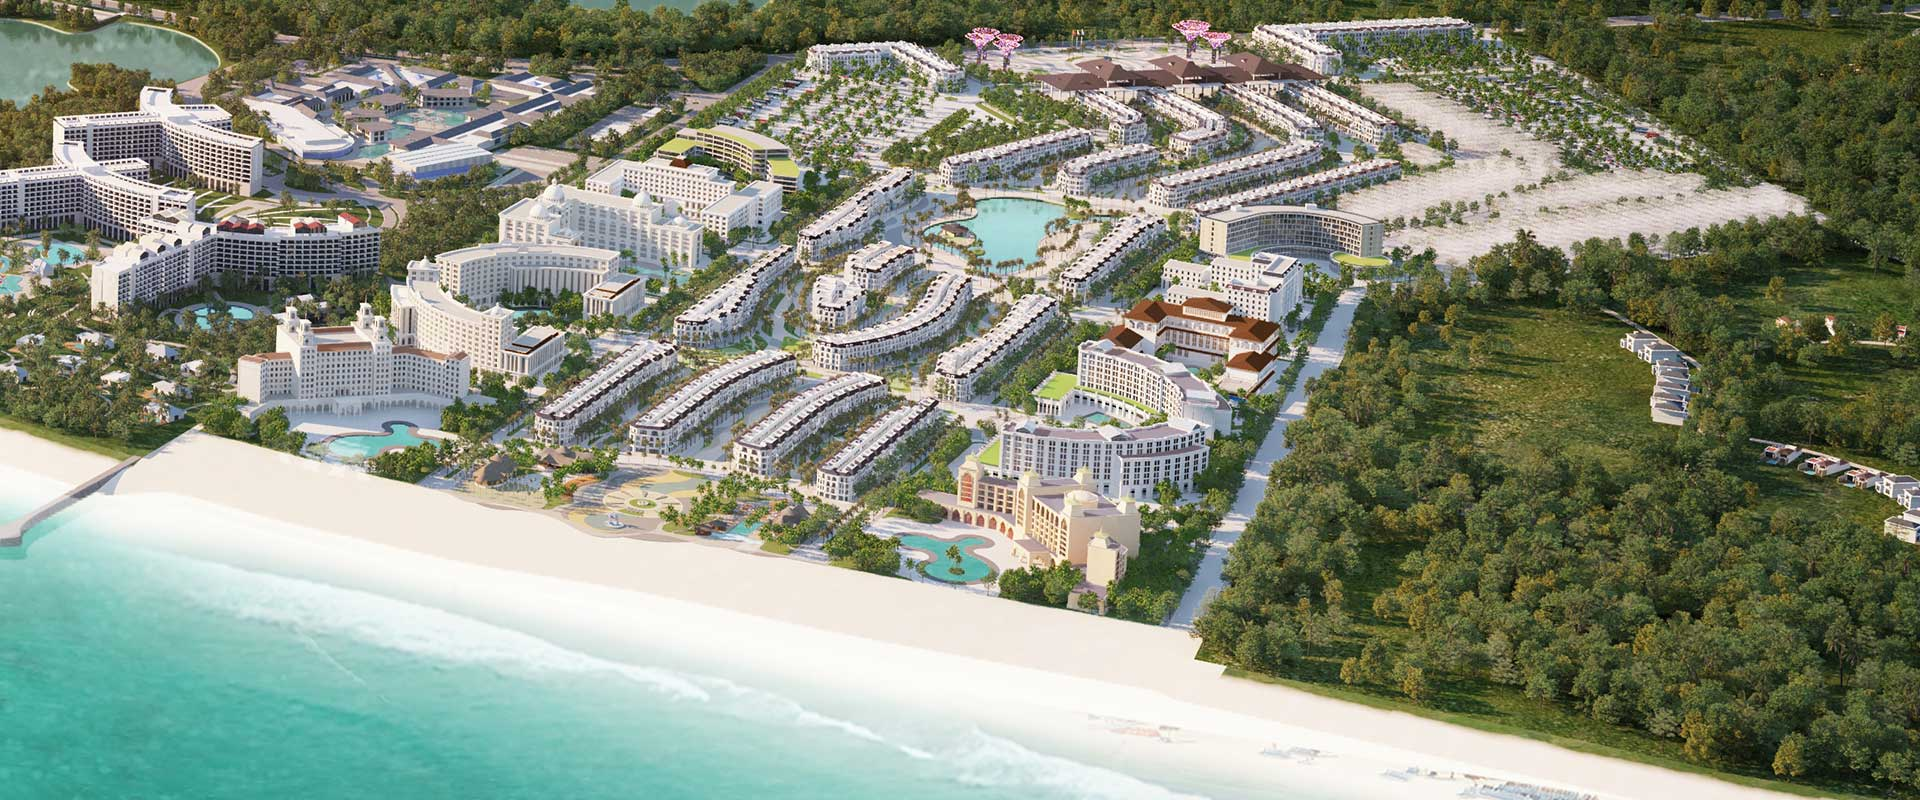 Grand World Phú Quốc - Hấp lực cho các nhà đầu tư